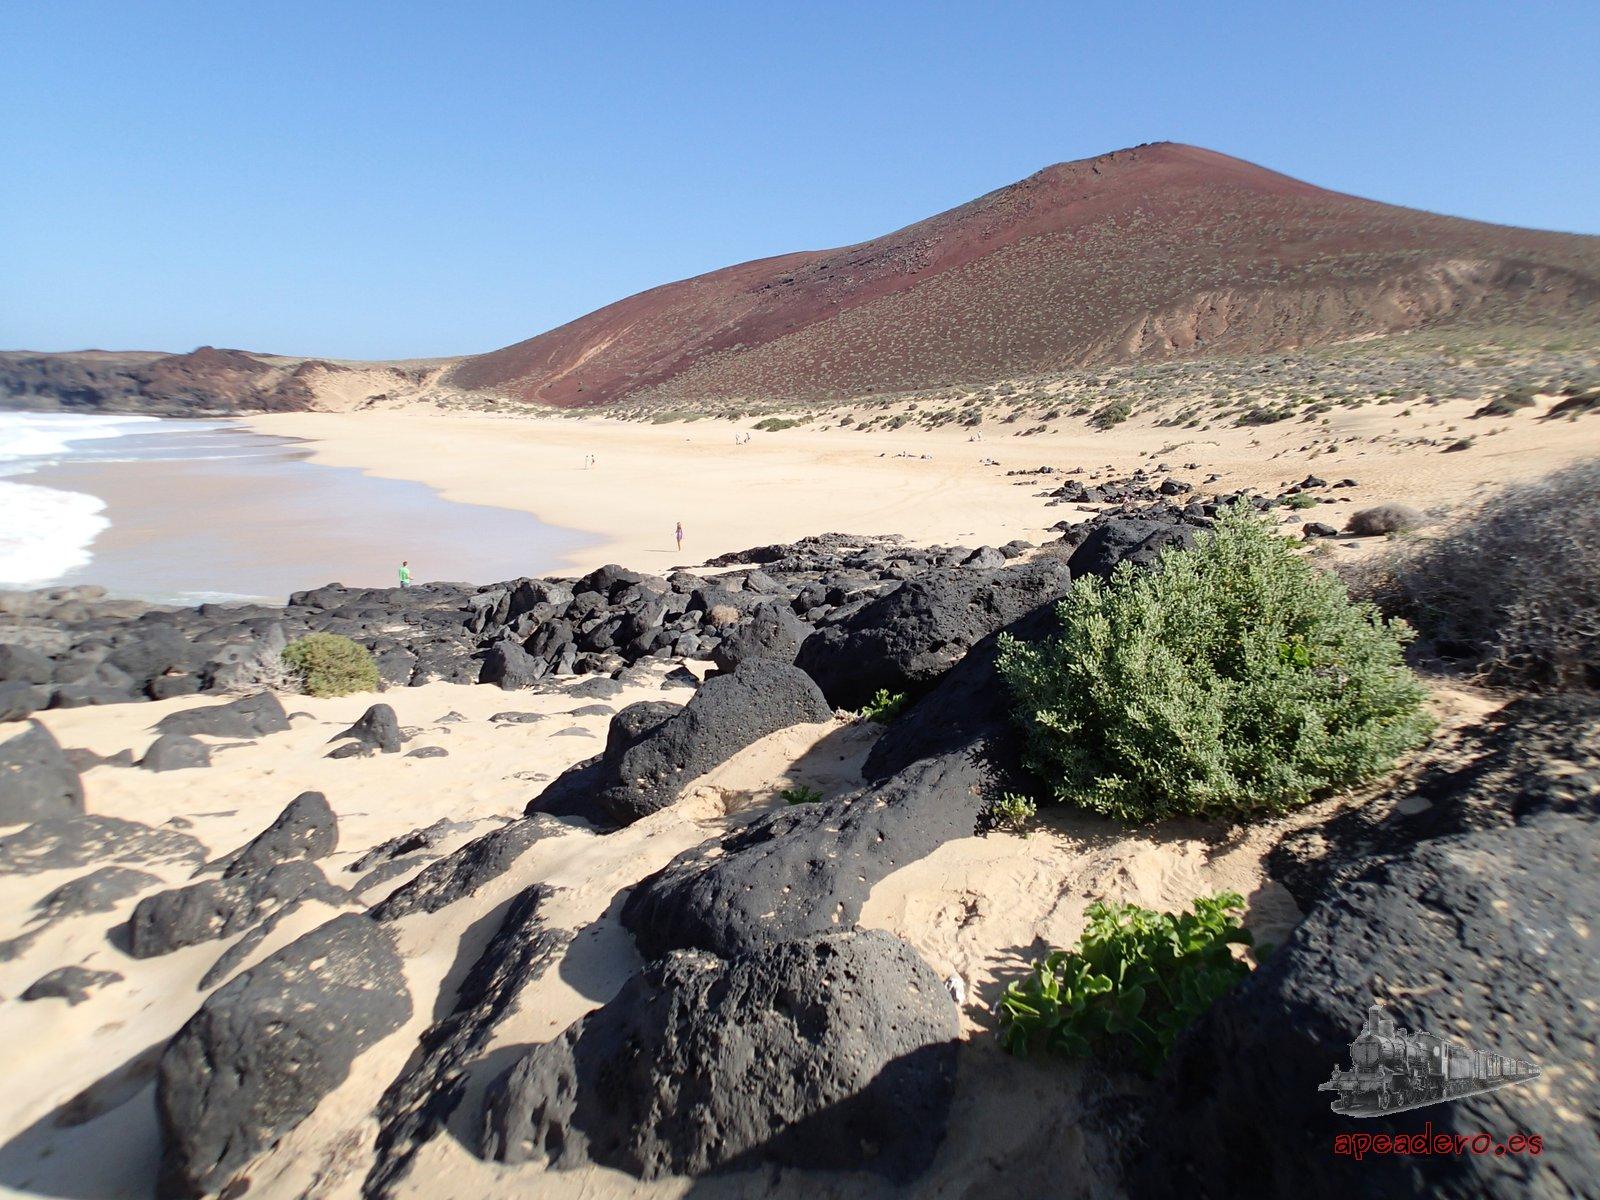 Podrás visitar la Playa de Las Conchas en la Graciosa si acampas gratis en la isla